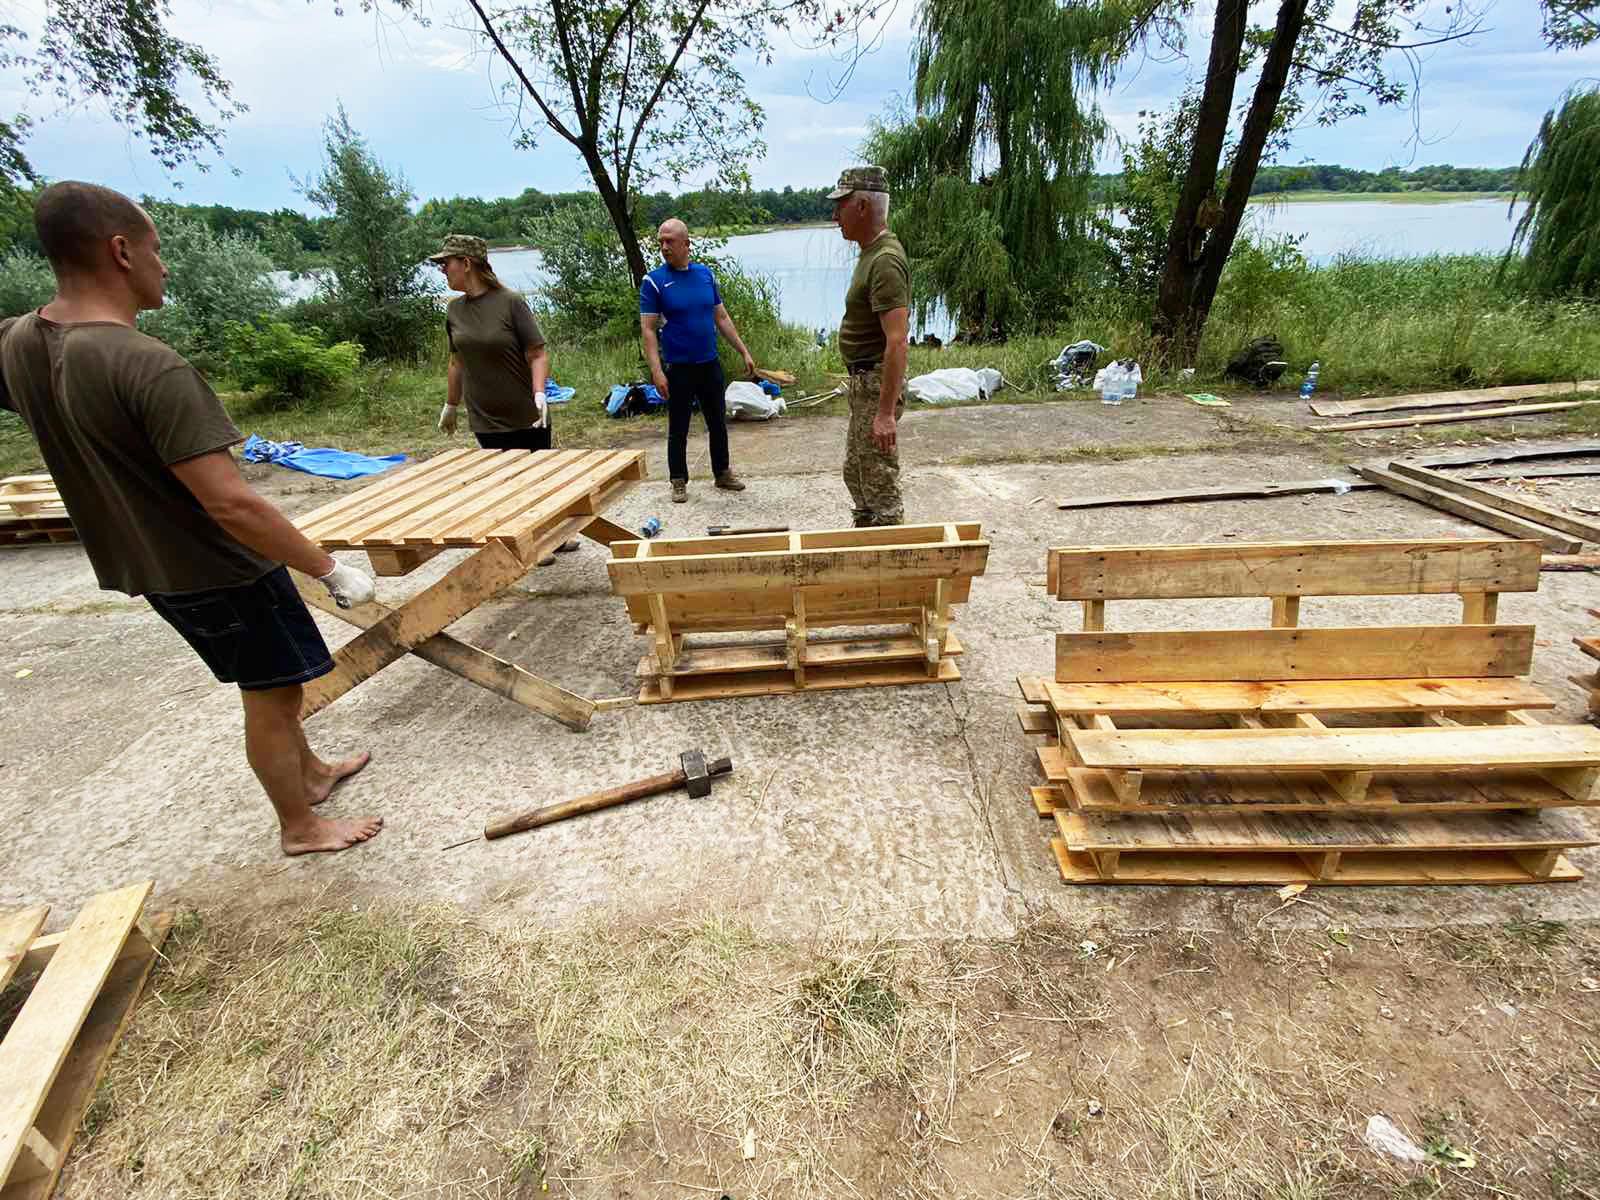 У Часів Ярі військові 65 госпіталю зробили лаунж-зону на місцевому пляжі (ФОТО)